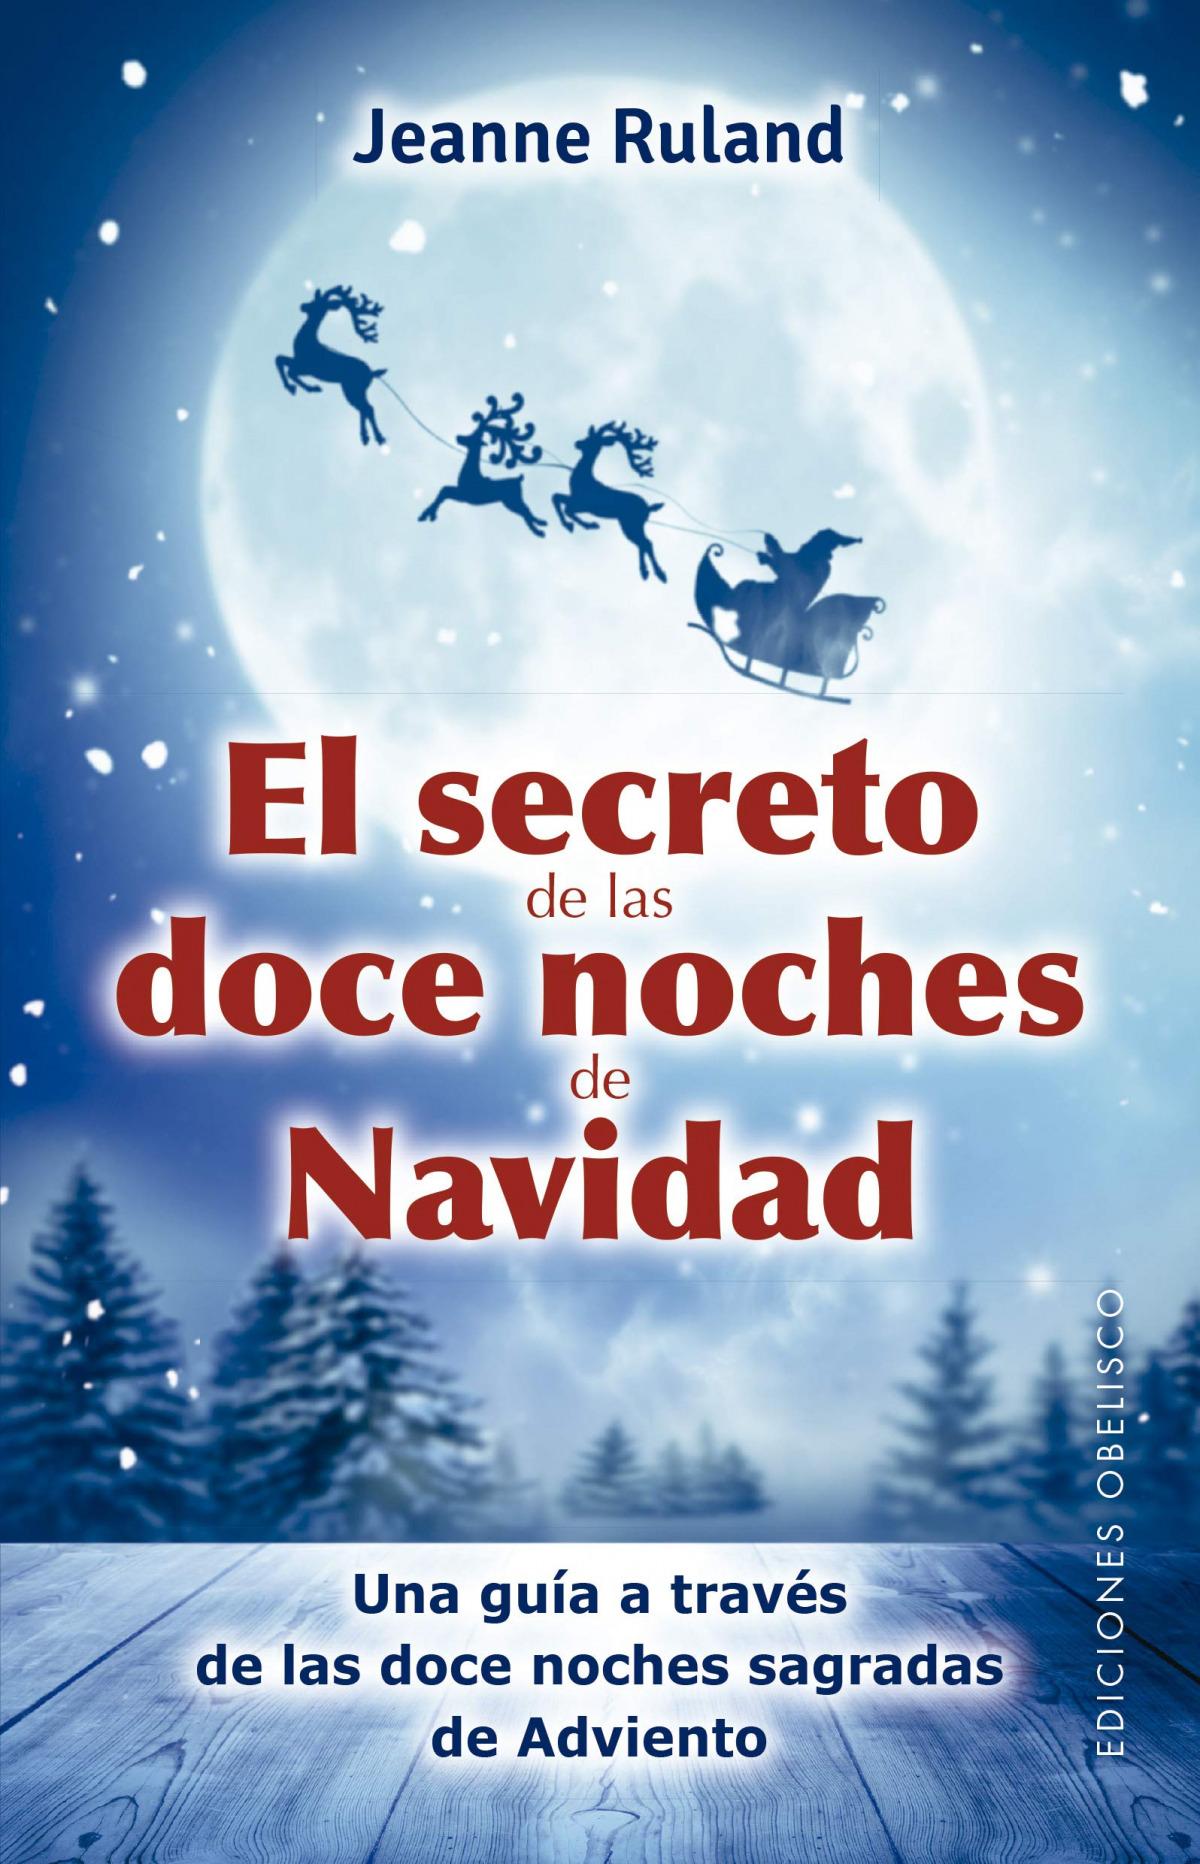 El secreto de las doce noches de Navidad